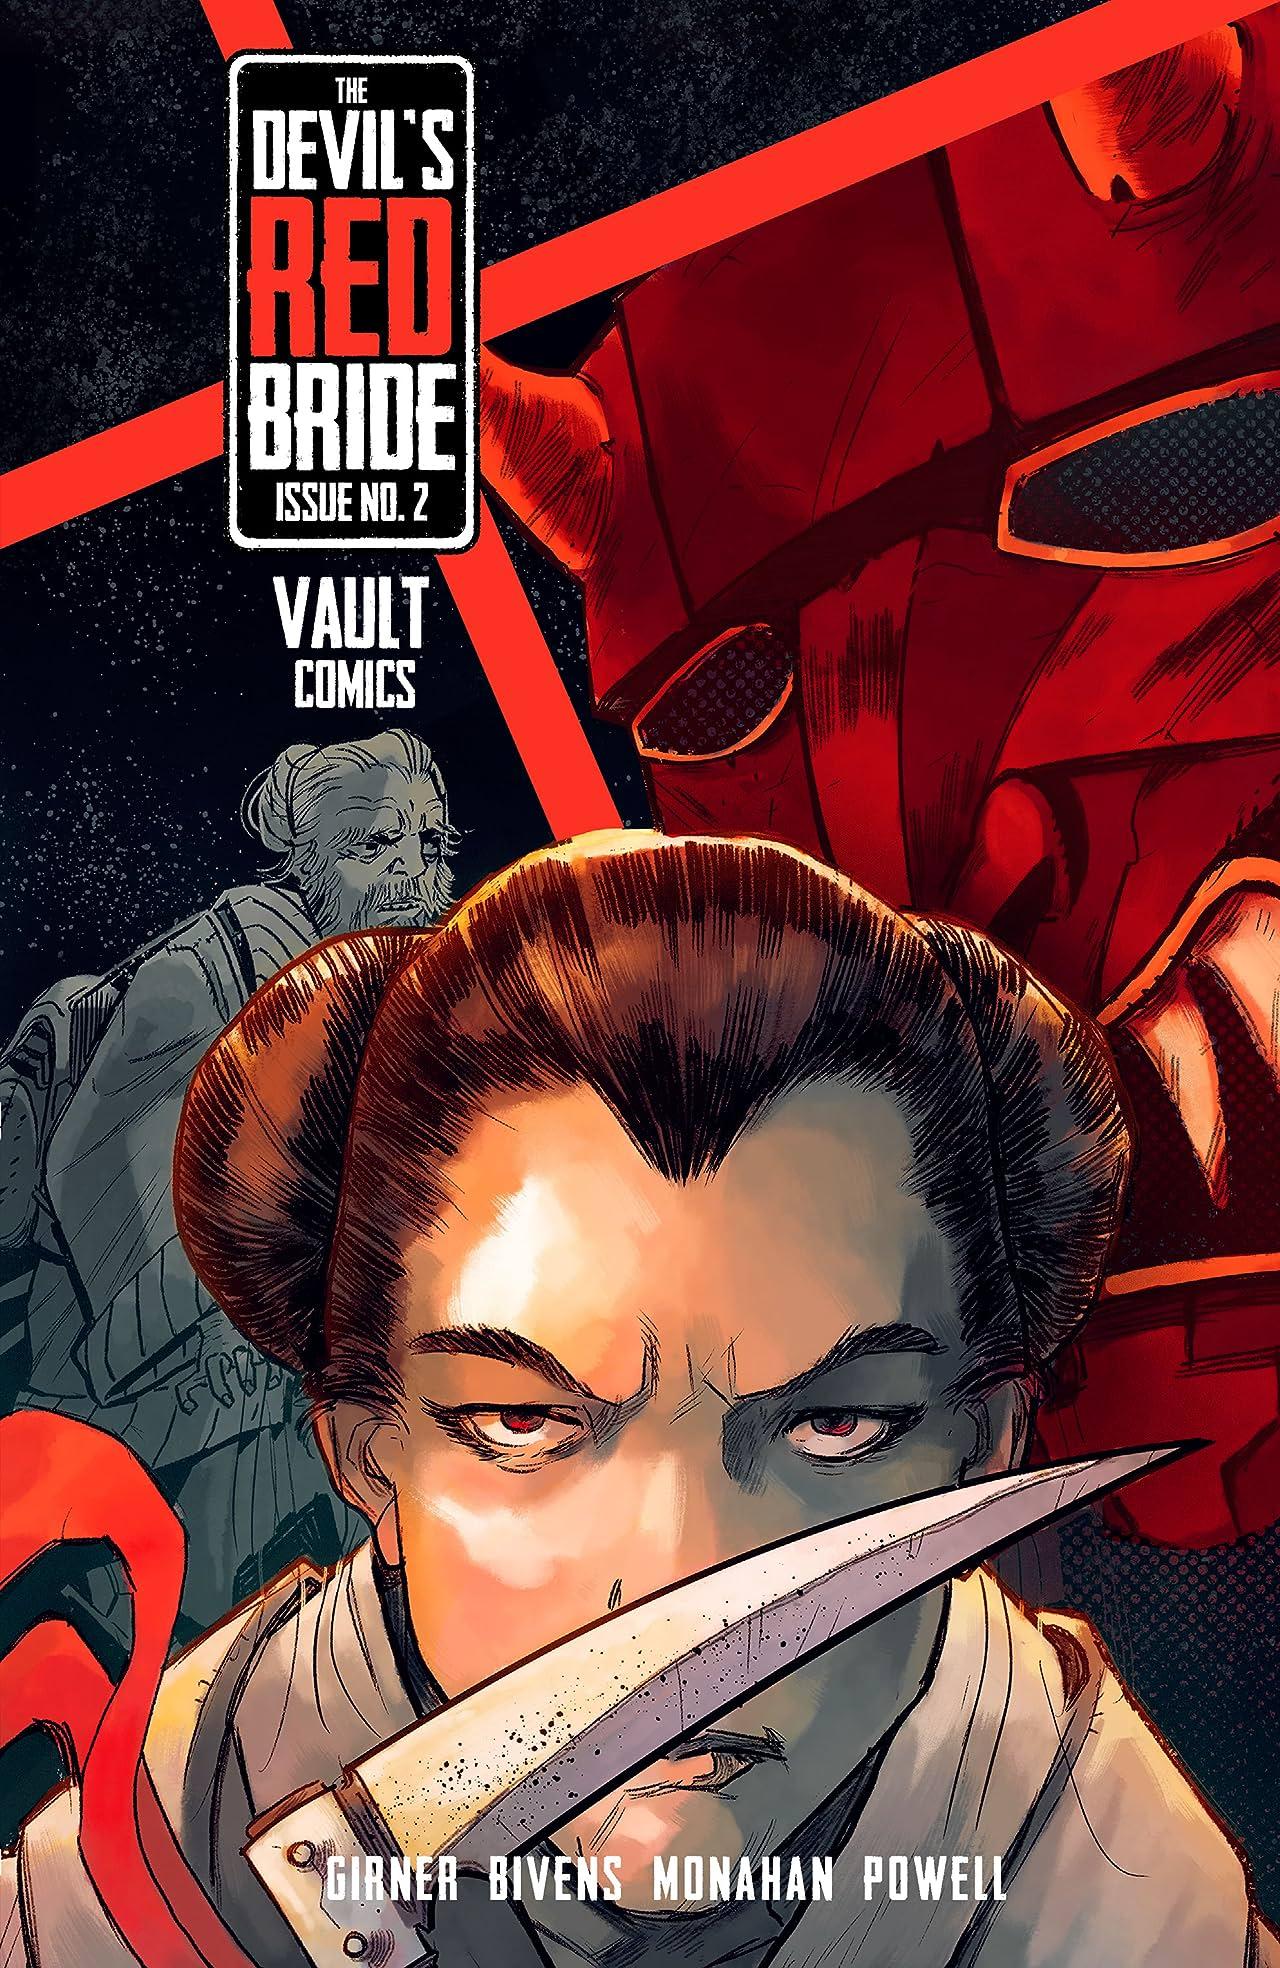 The Devil's Red Bride No.2